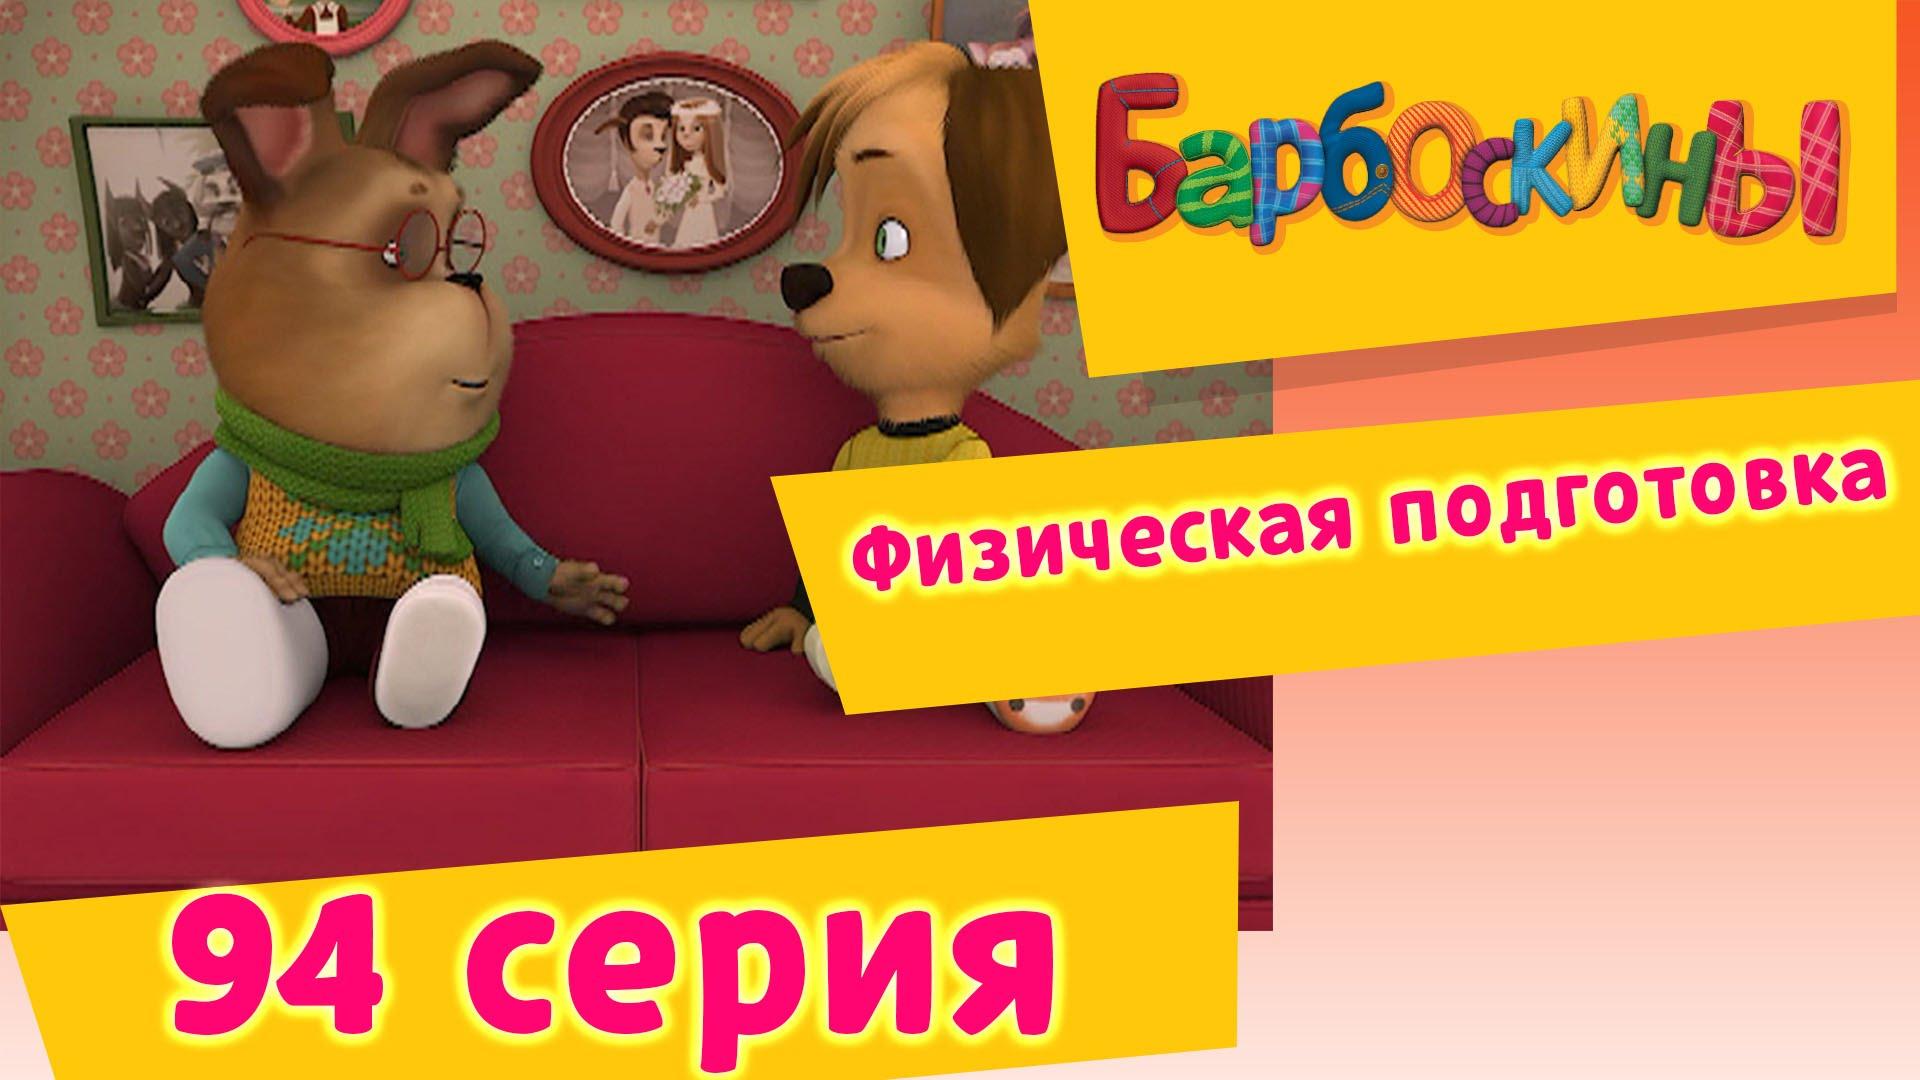 Барбоскины — 94 Серия. Физическая подготовка